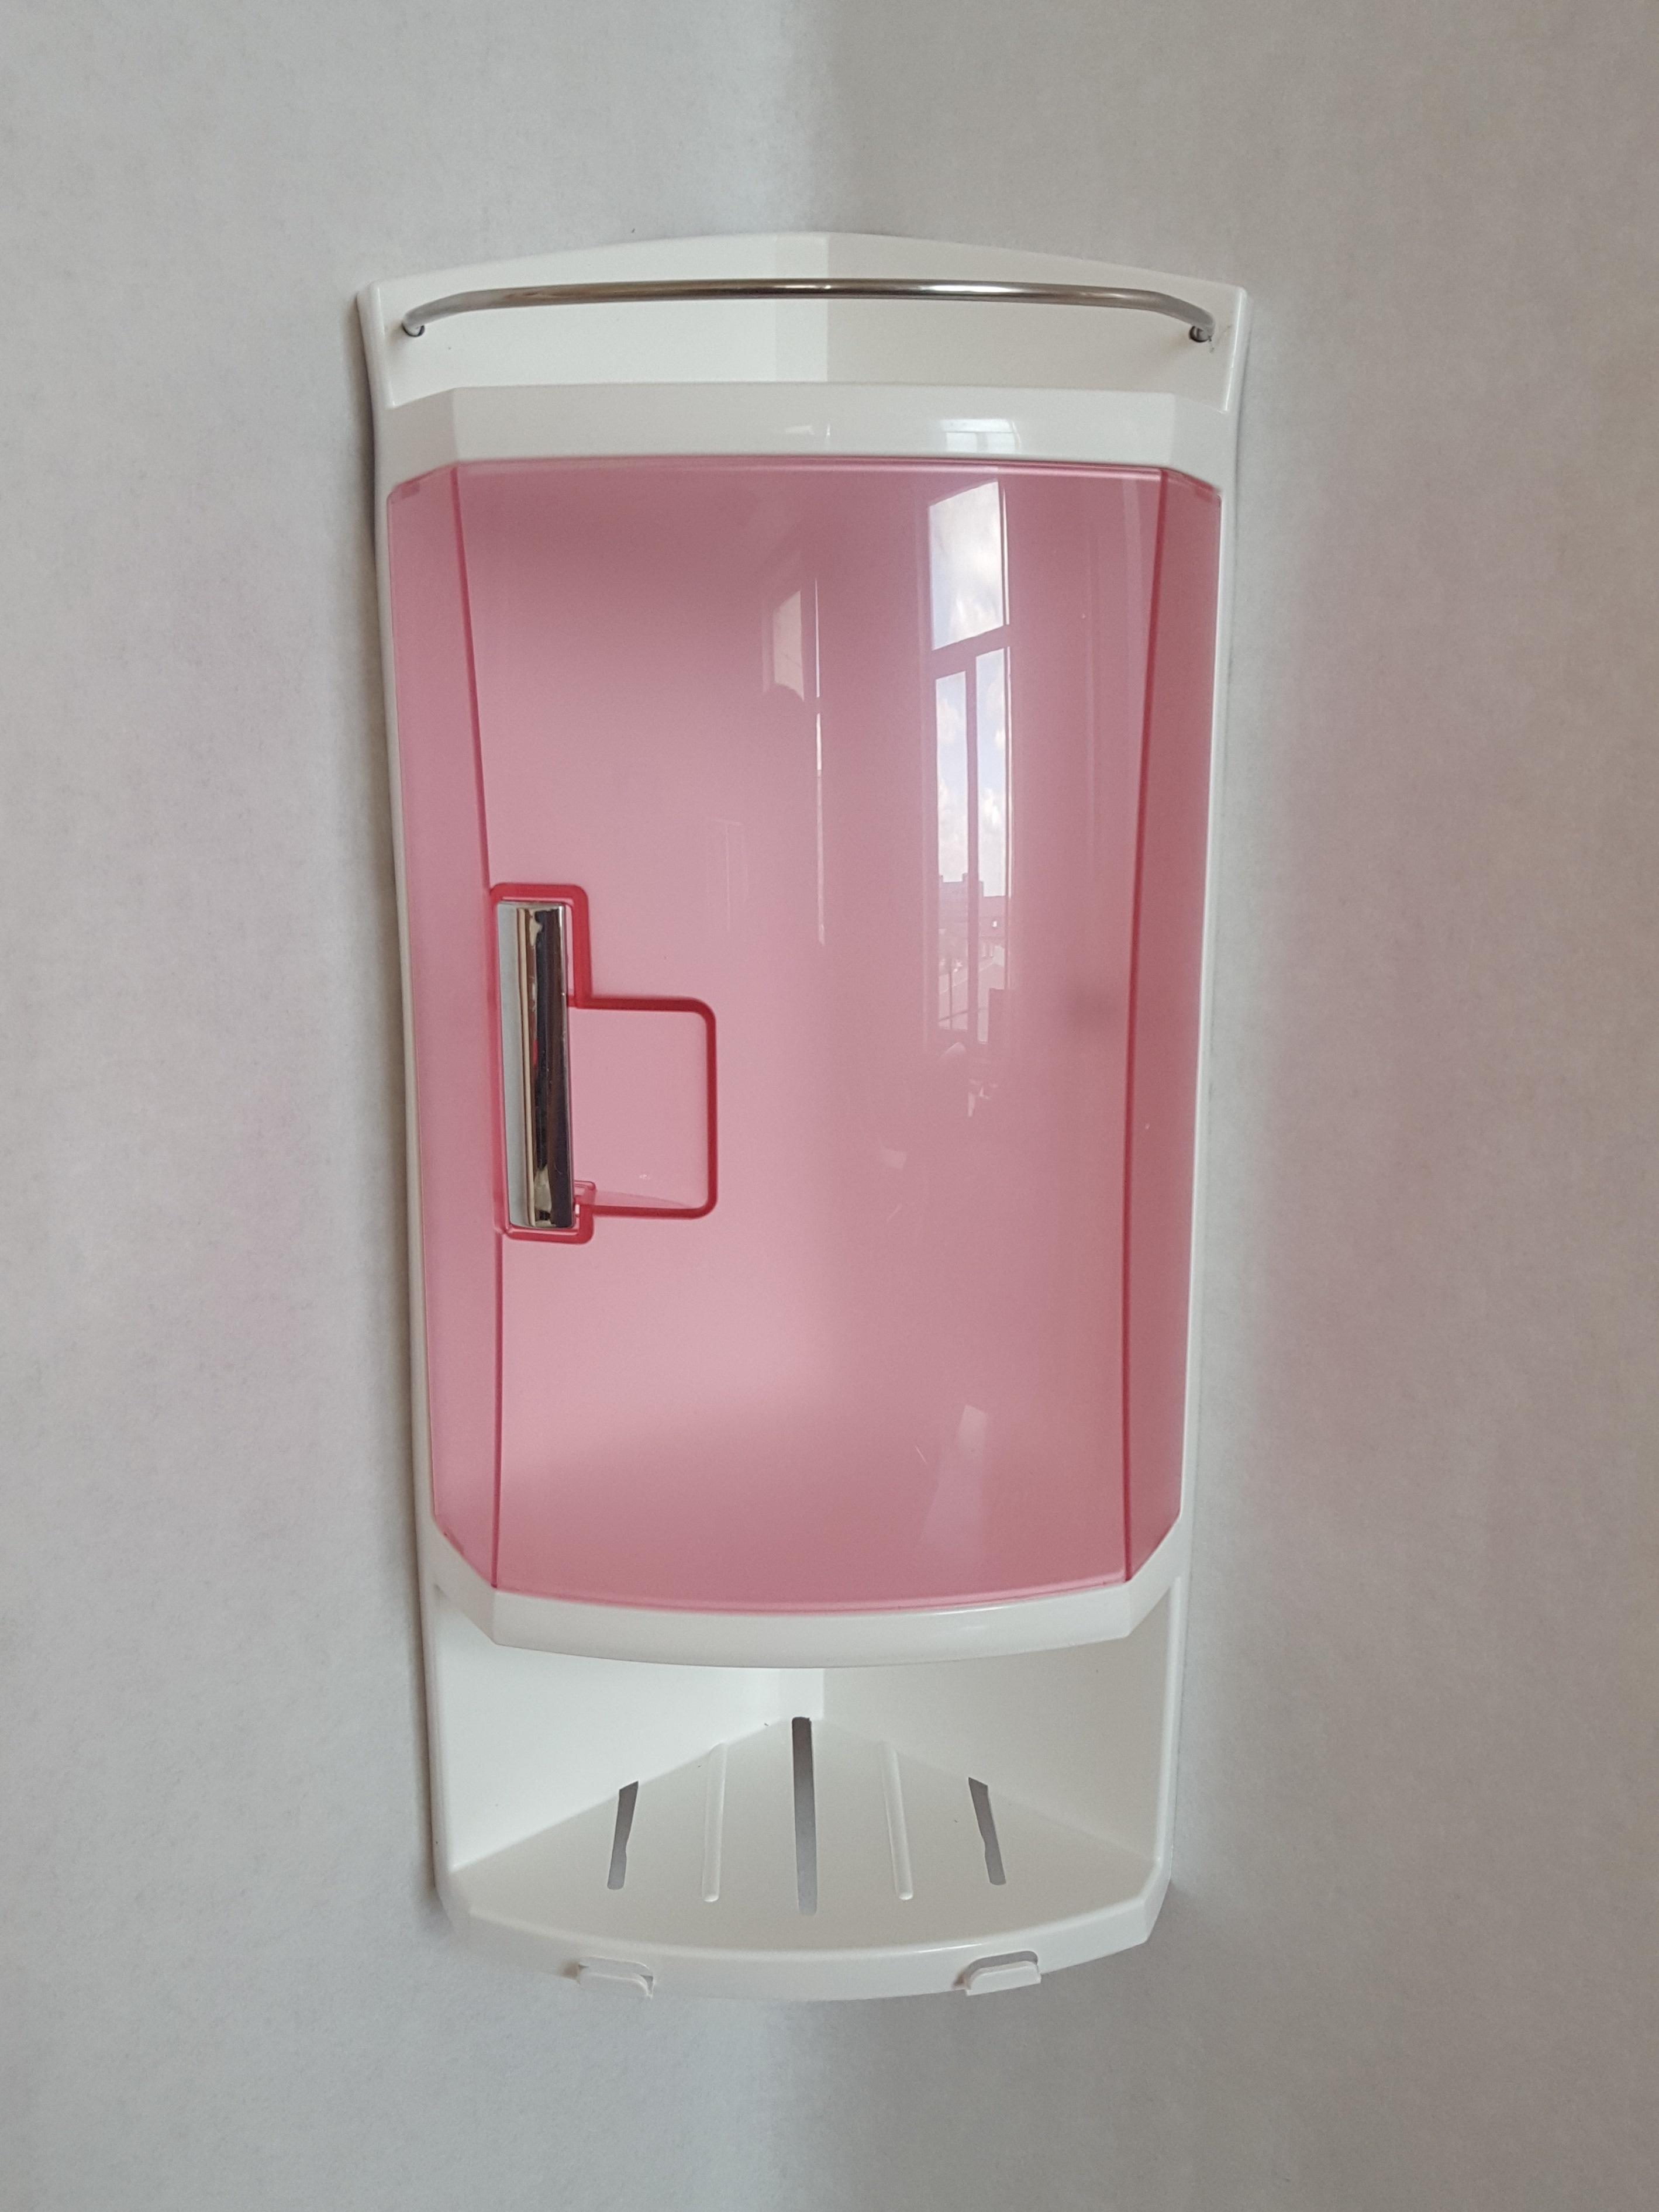 Сбор заказов. Стильные аксессуары для ванной комнаты.Изделия узнаваемые во всем мире. Появились новинки-8